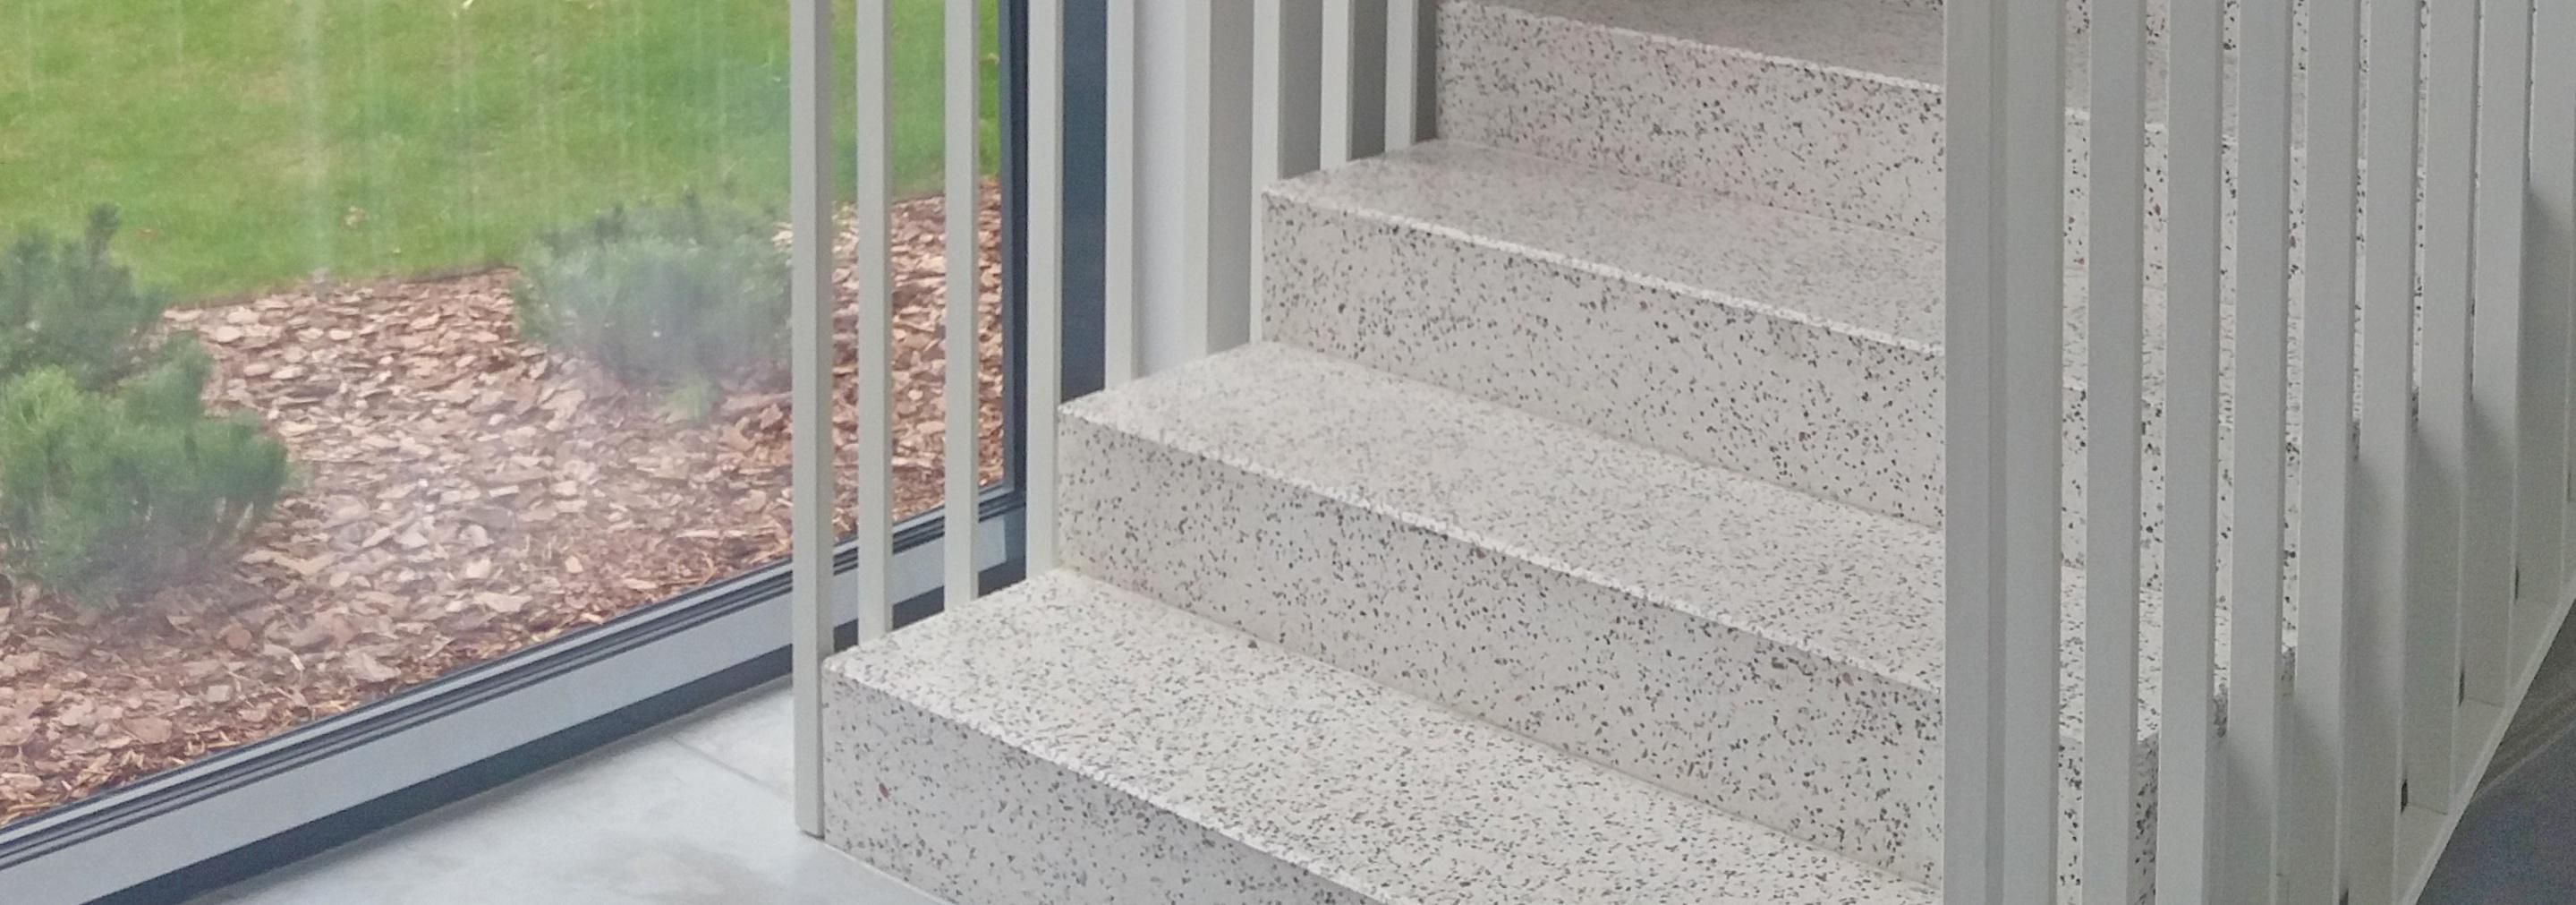 Patirtimi pagrįsta betono/mozaikinio betono laiptų elementų gamyba